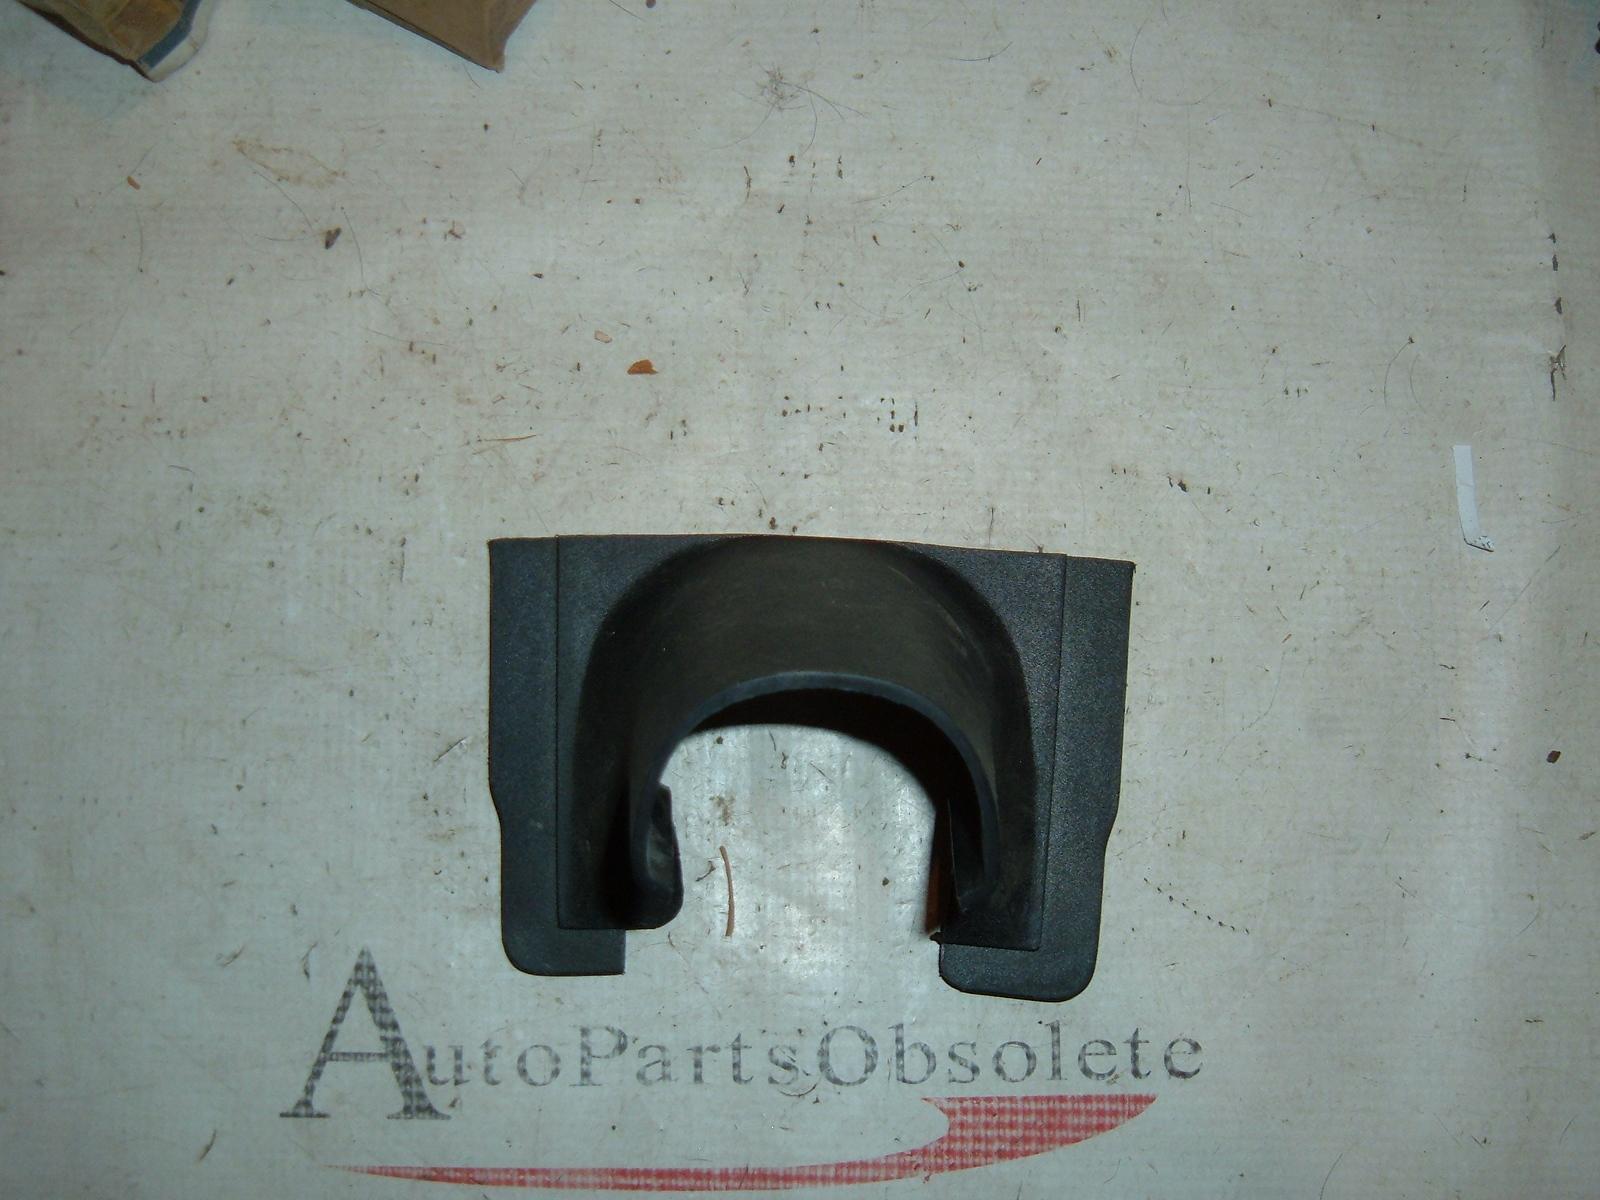 1982 83 84 85 86 dodge truck steering column shroud /cover nos mopar # 4162115 (z 4162115)